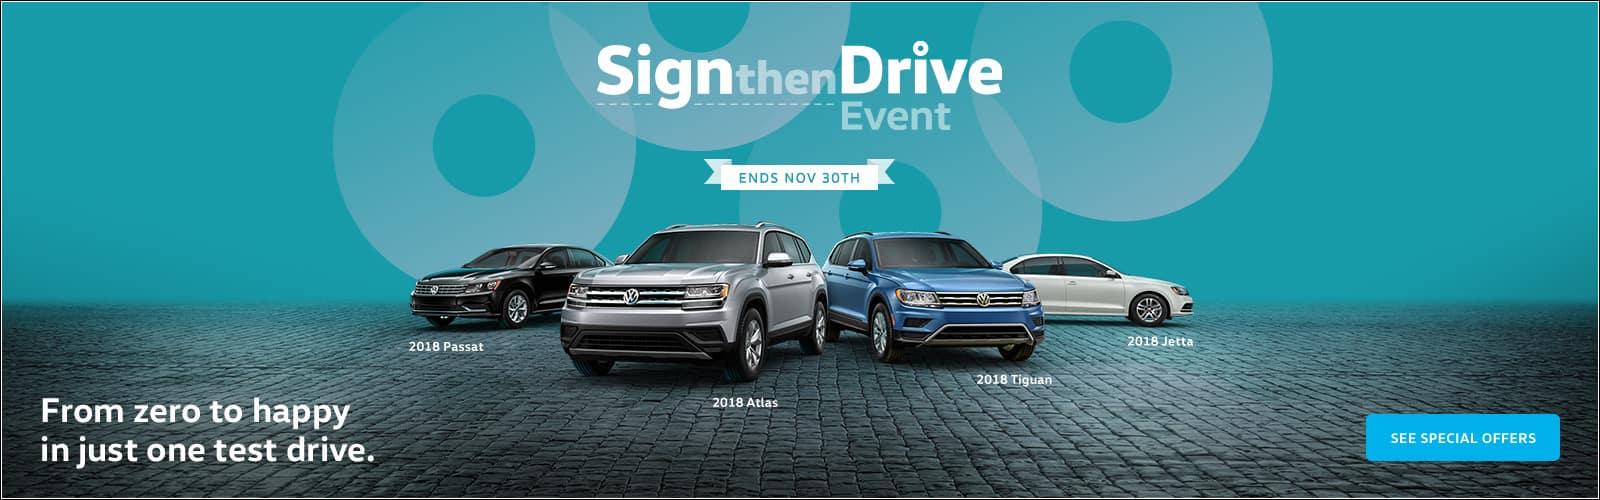 Sutliff Volkswagen | Volkswagen Dealer in Harrisburg, PA